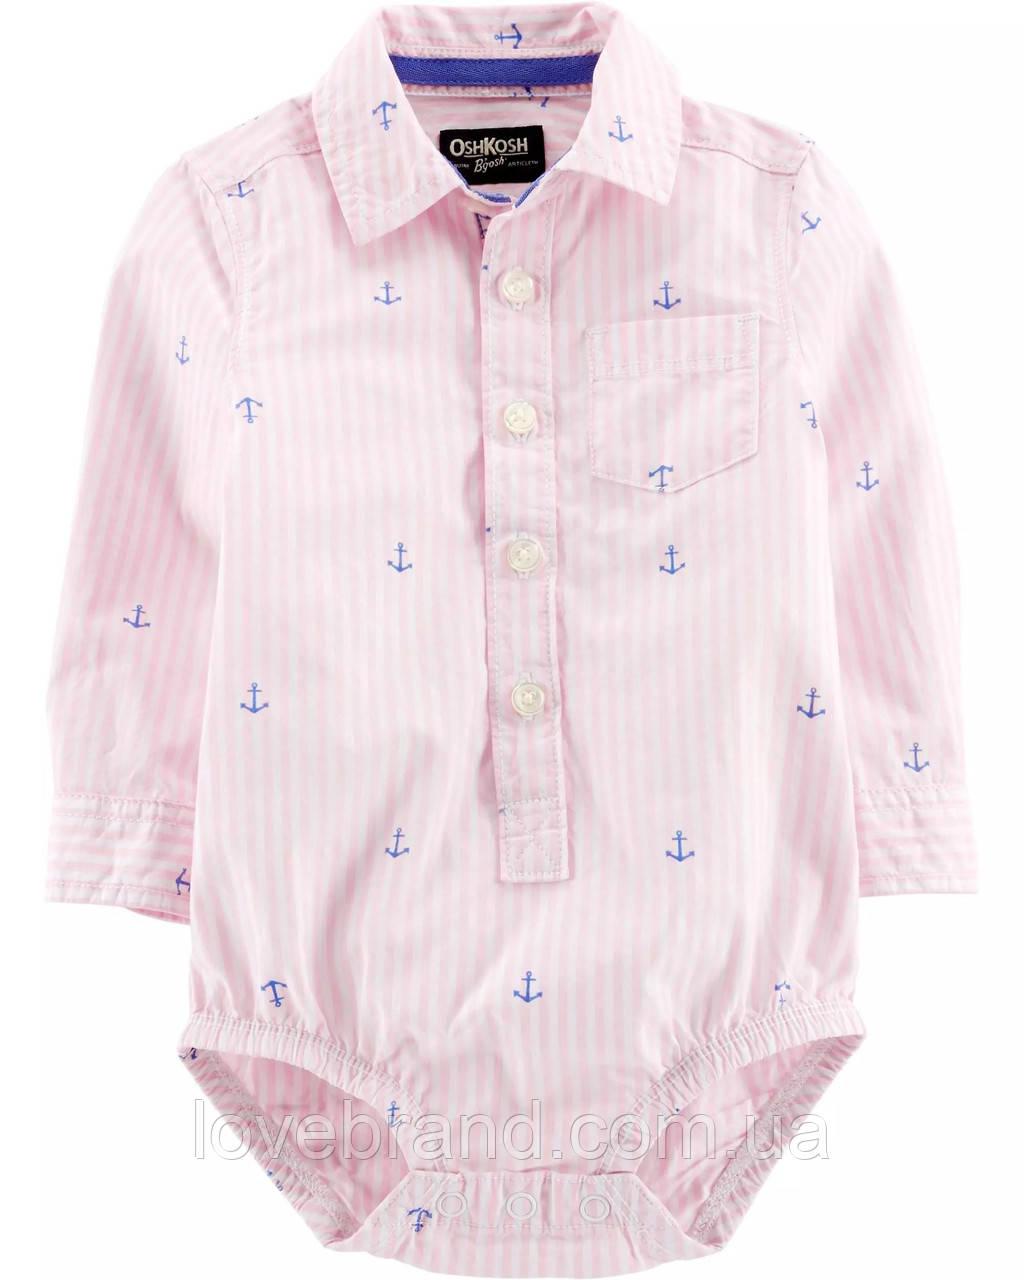 Боди-рубашка для мальчика OshKosh розовая